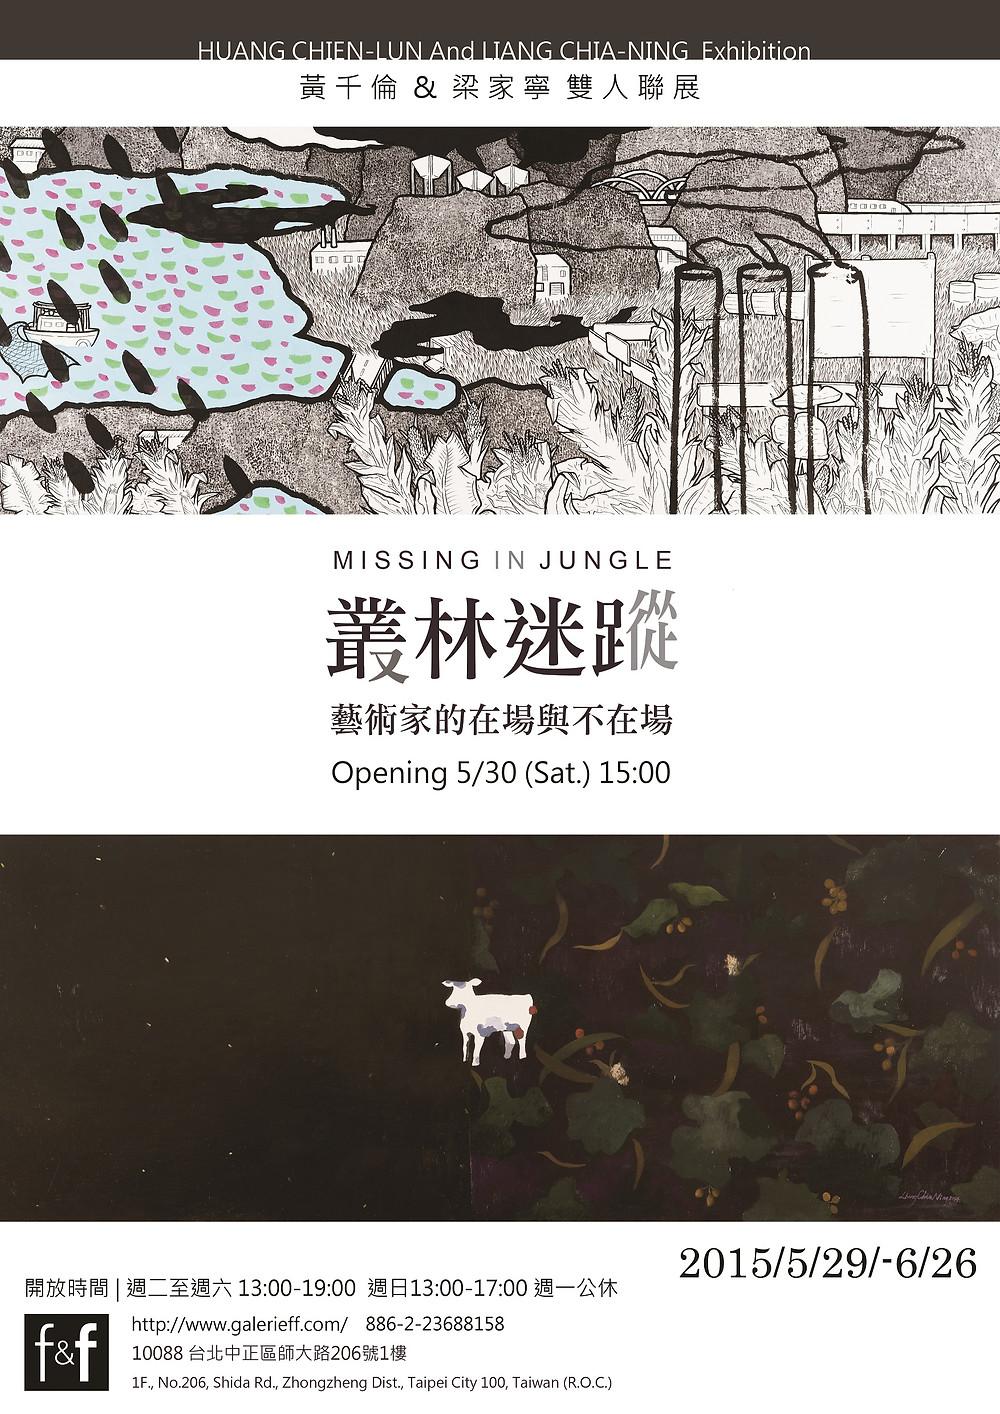 【叢林迷蹤】黃千倫 & 梁家寧 雙人聯展 @Galerie F&F